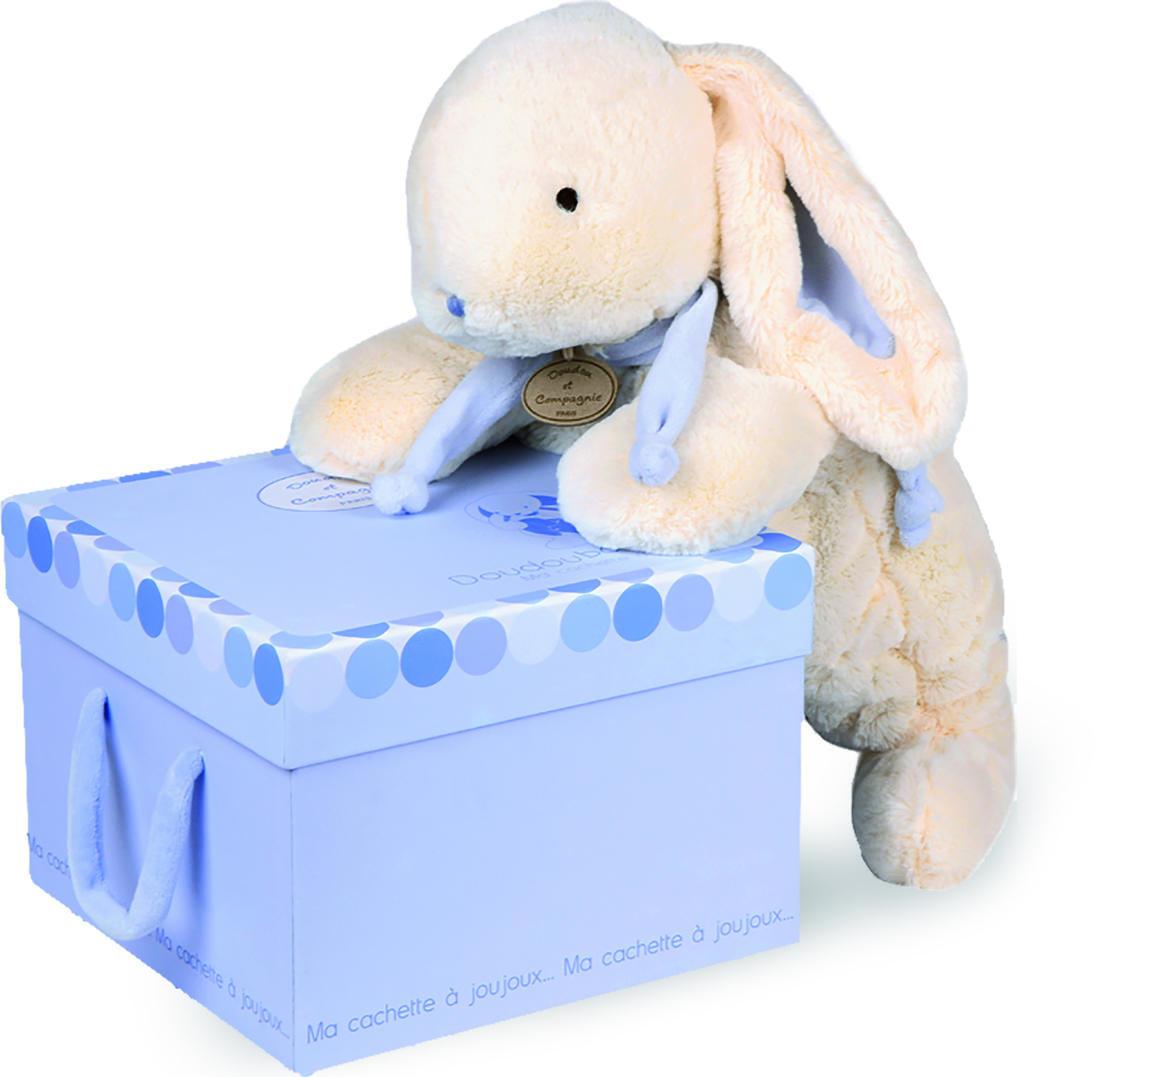 extra large blue rabbit + gift box 75cm   Trada Marketplace